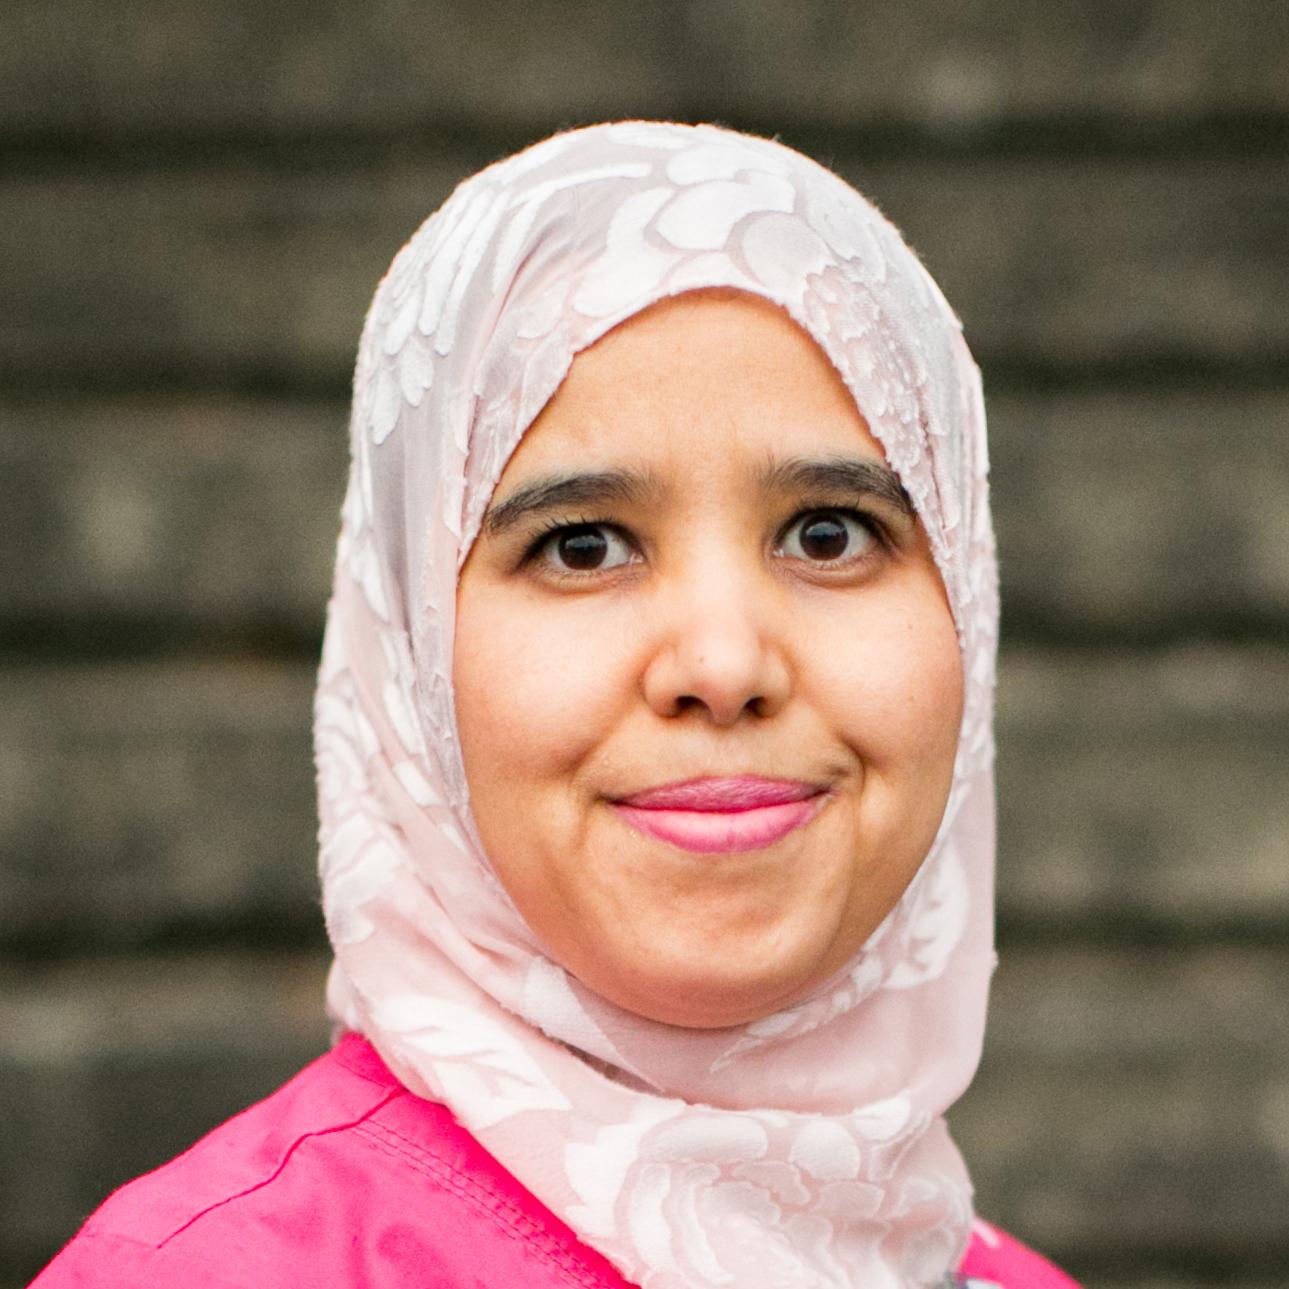 Khadija Abdelmalek